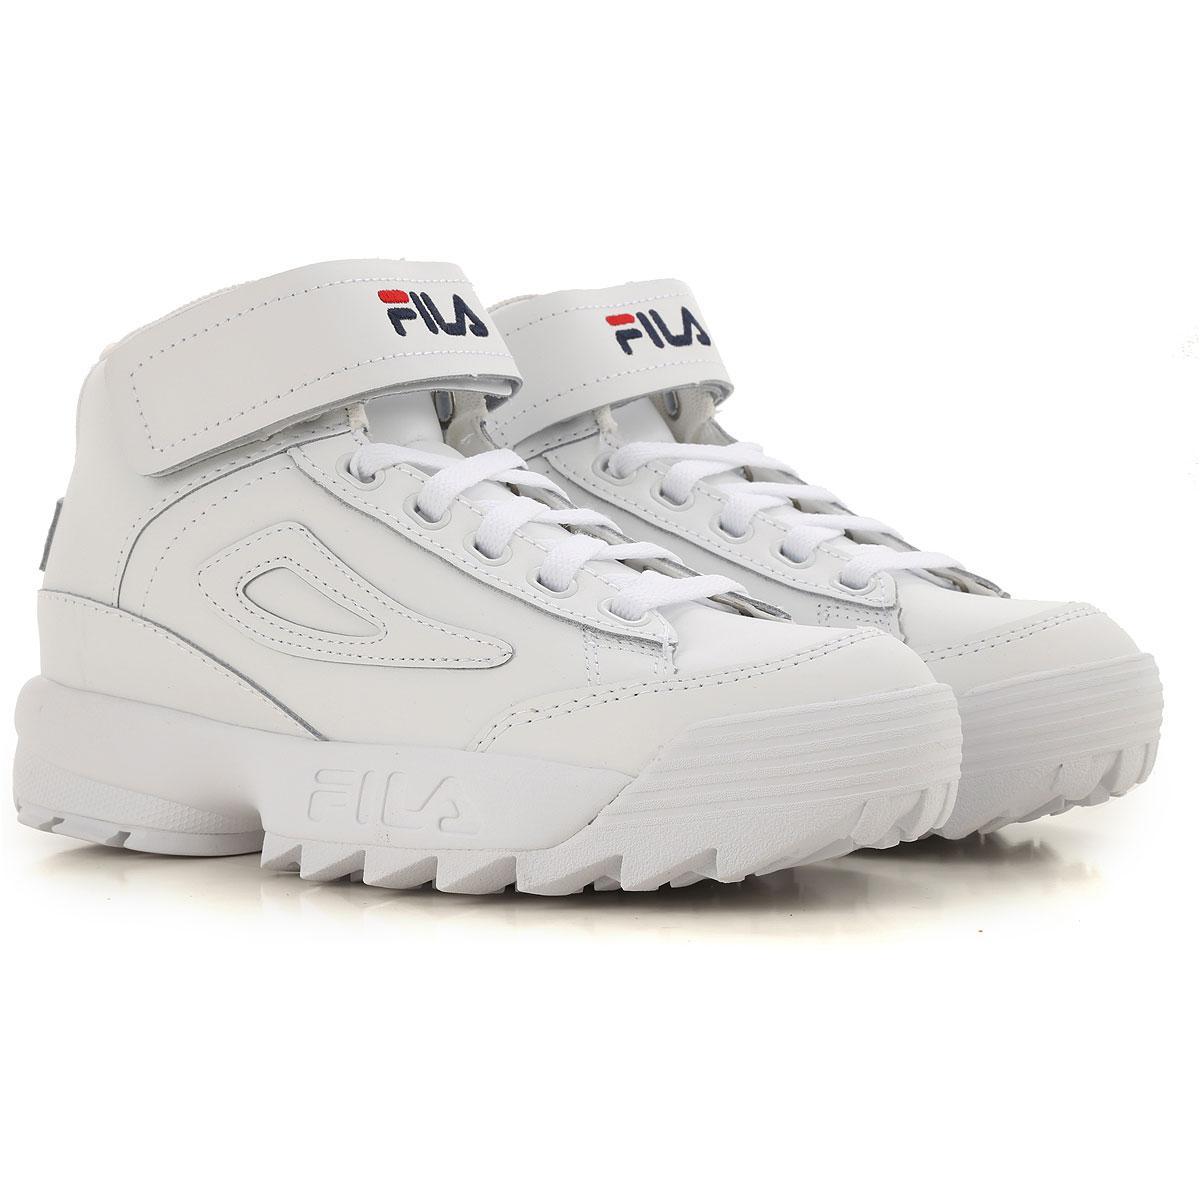 Lyst - Zapatillas Deportivas de Mujer Fila de color Blanco 41be9348039